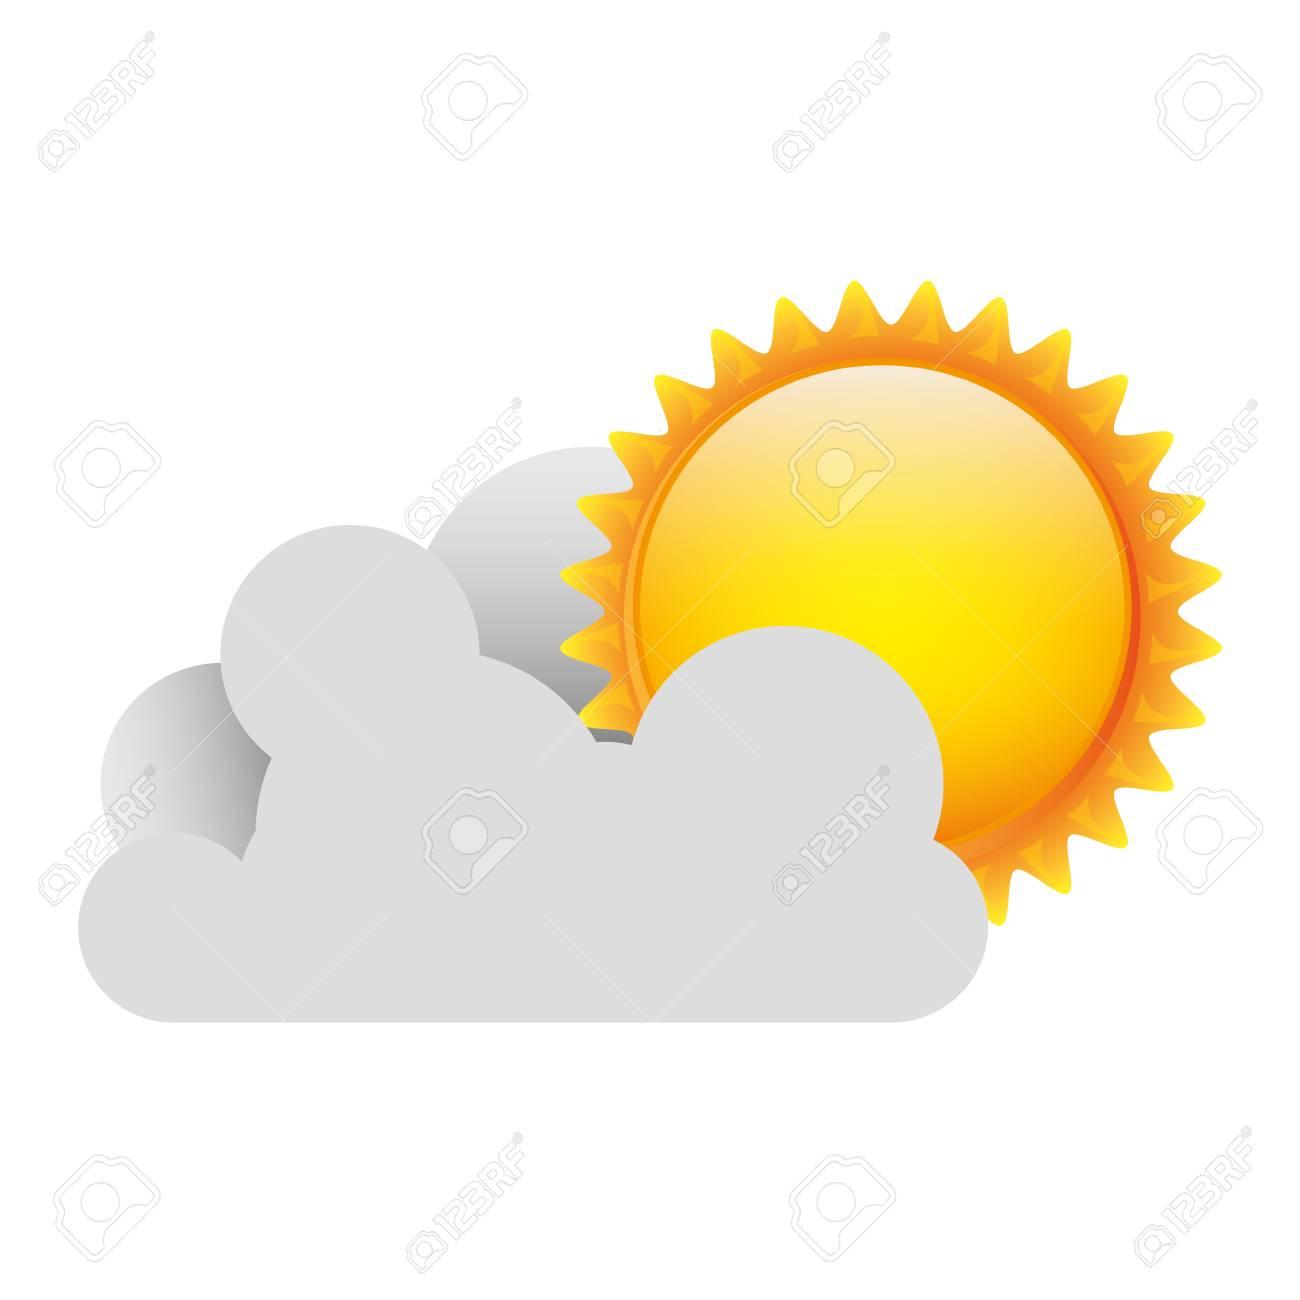 Nuage Blanc Avec L Icone Du Soleil Image De Dessin Vectoriel